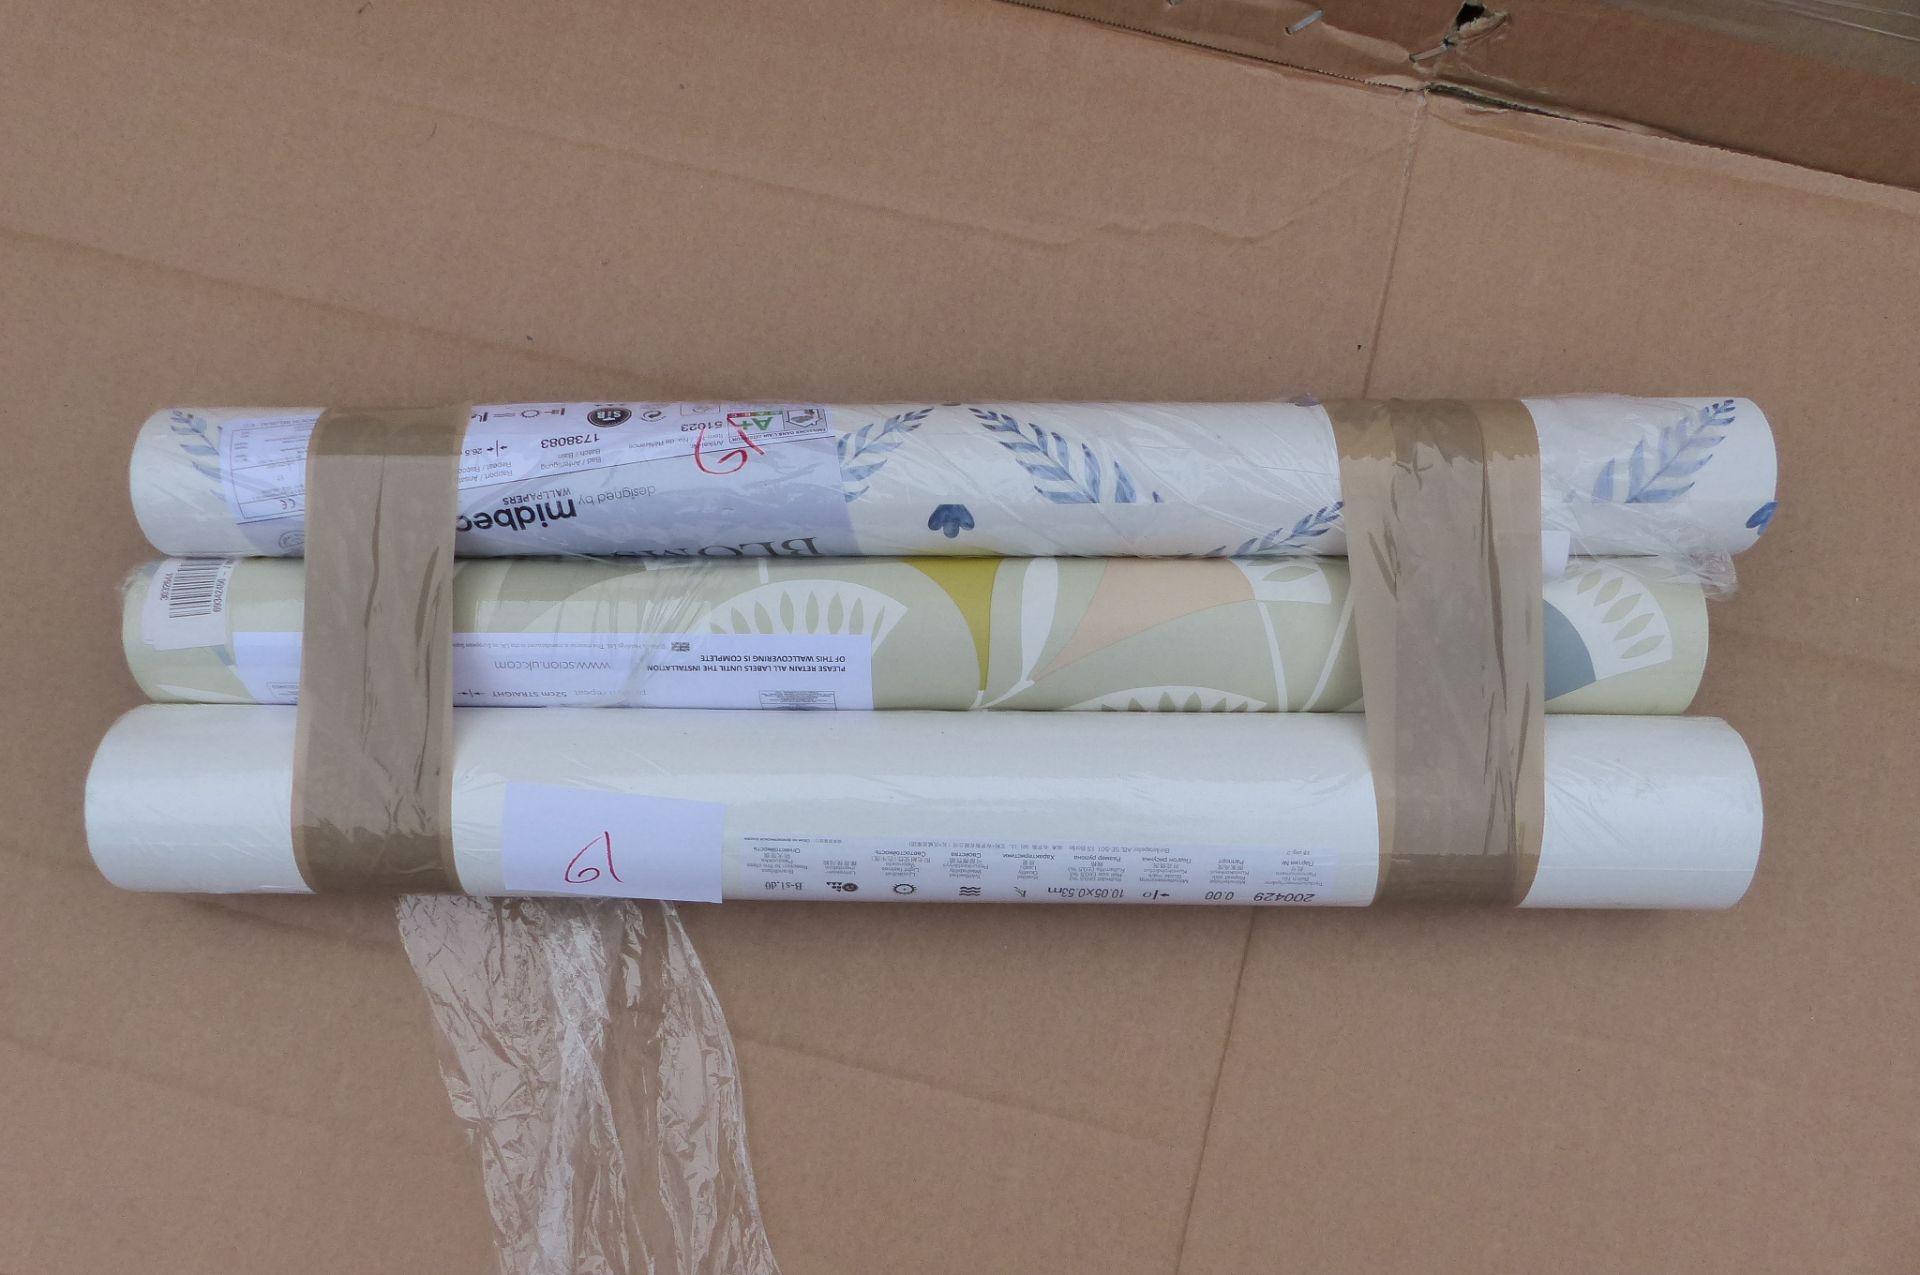 3 Rolls of Wallpaper Scion & Boråstapeter